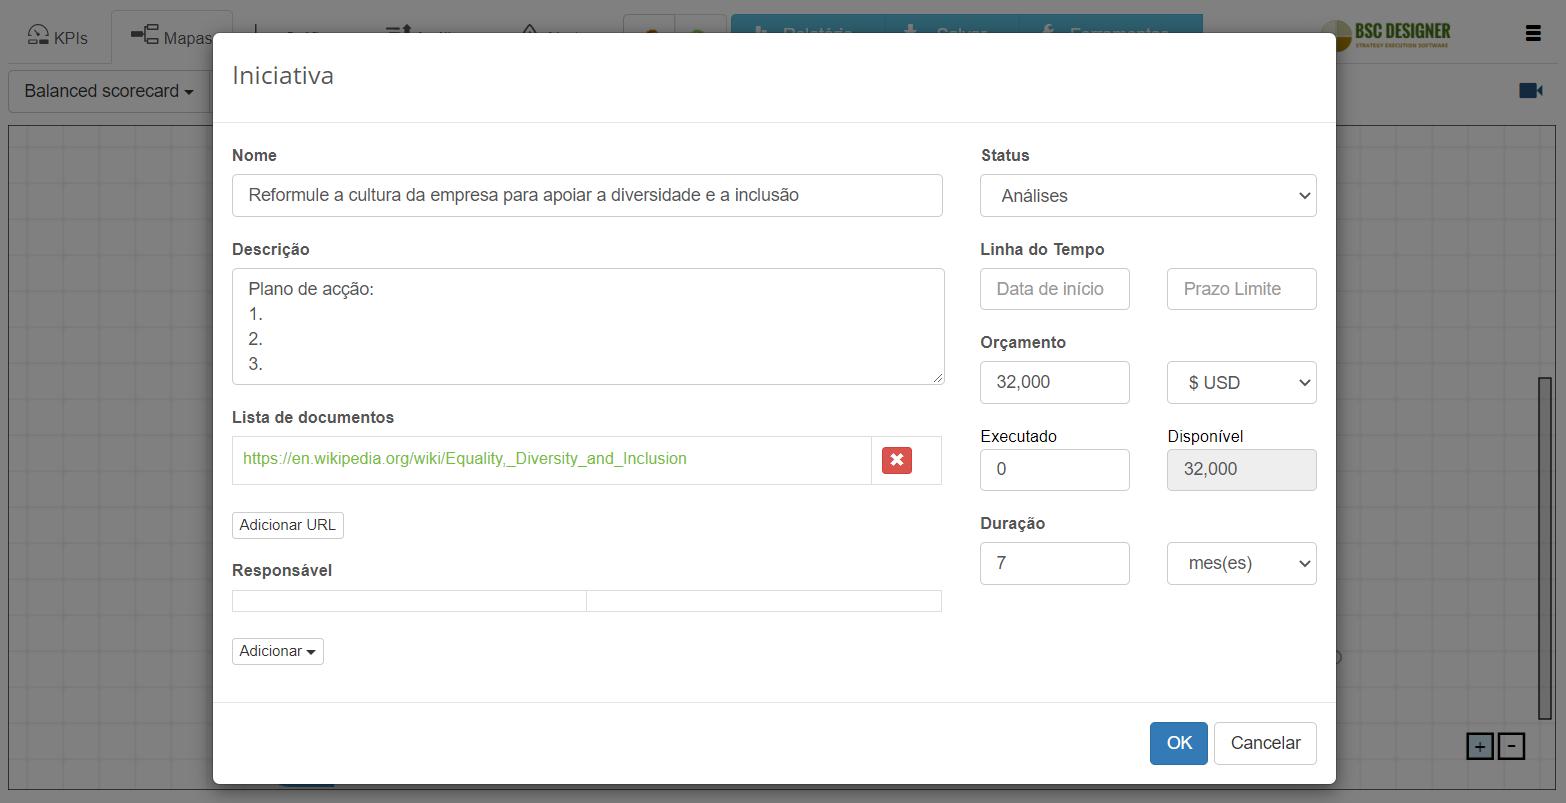 Iniciativa no software BSC Designer: status, orçamento, prazo